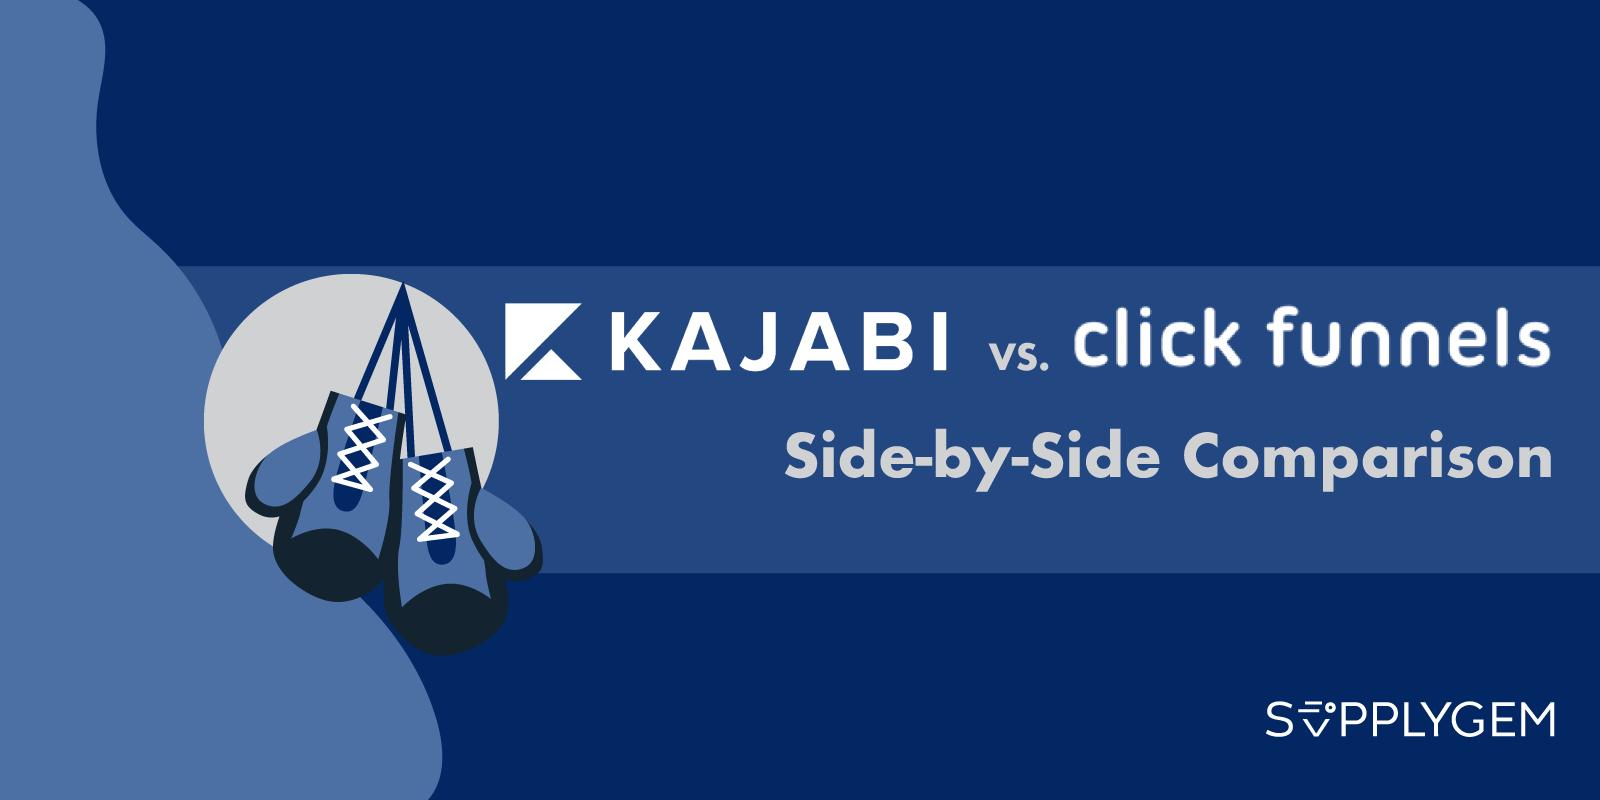 Kajabi vs. Clickfunnels